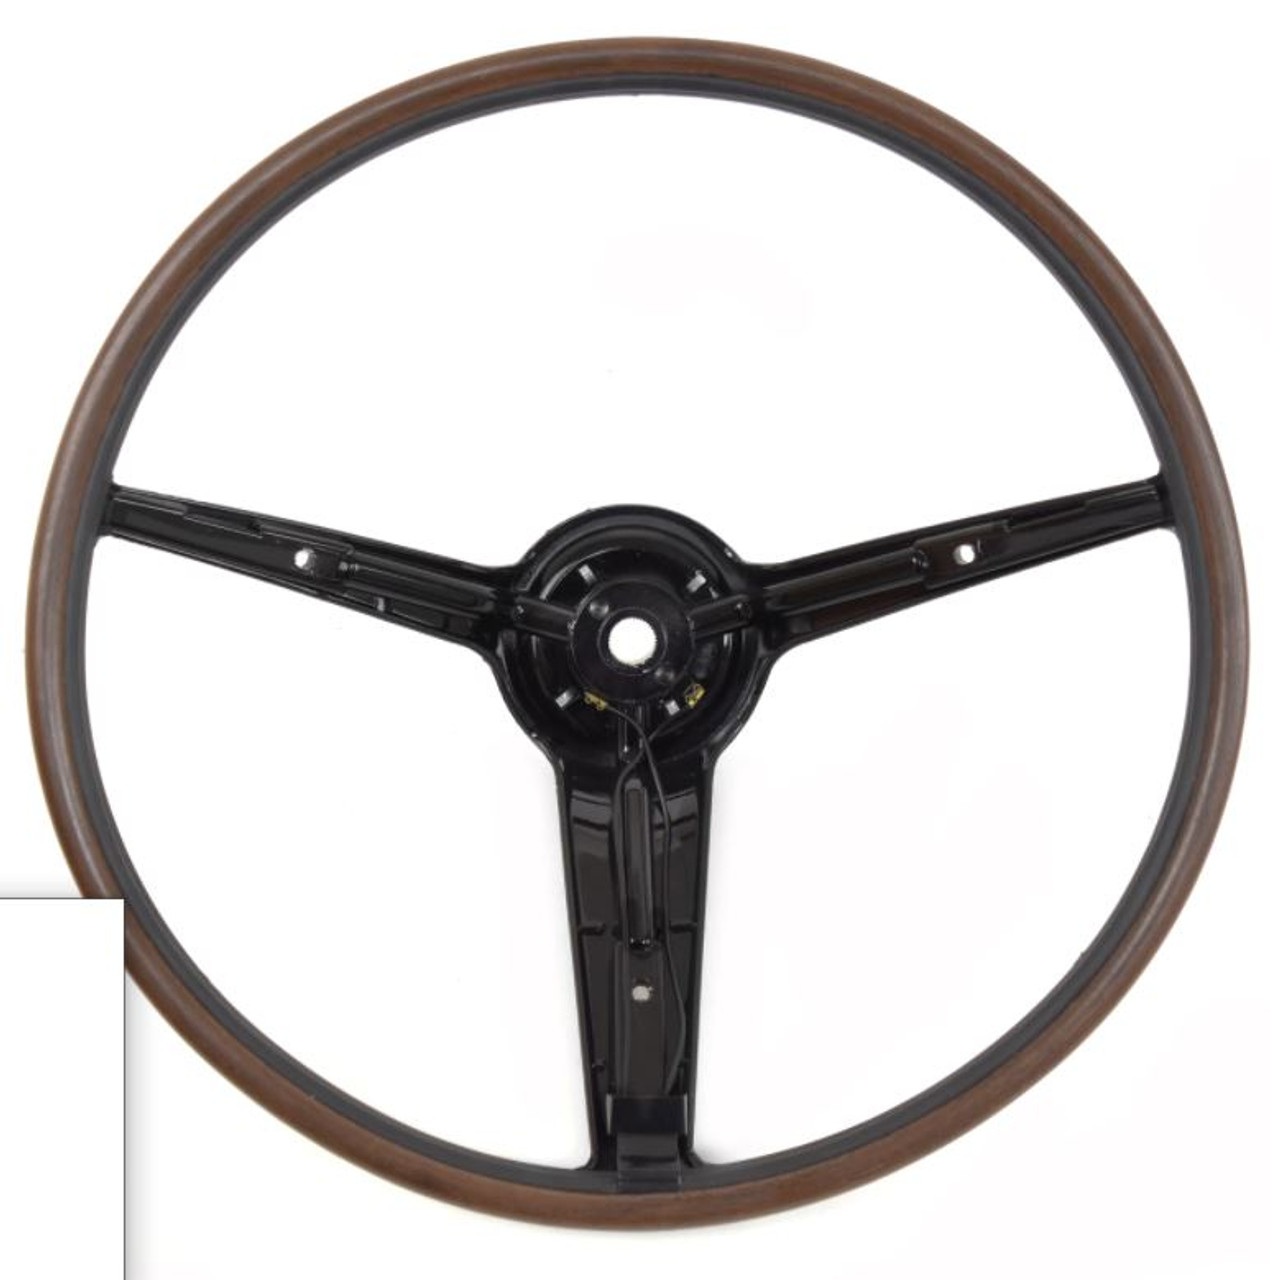 1970-1973 Ford Mustang deluxe rim blo steering wheel.